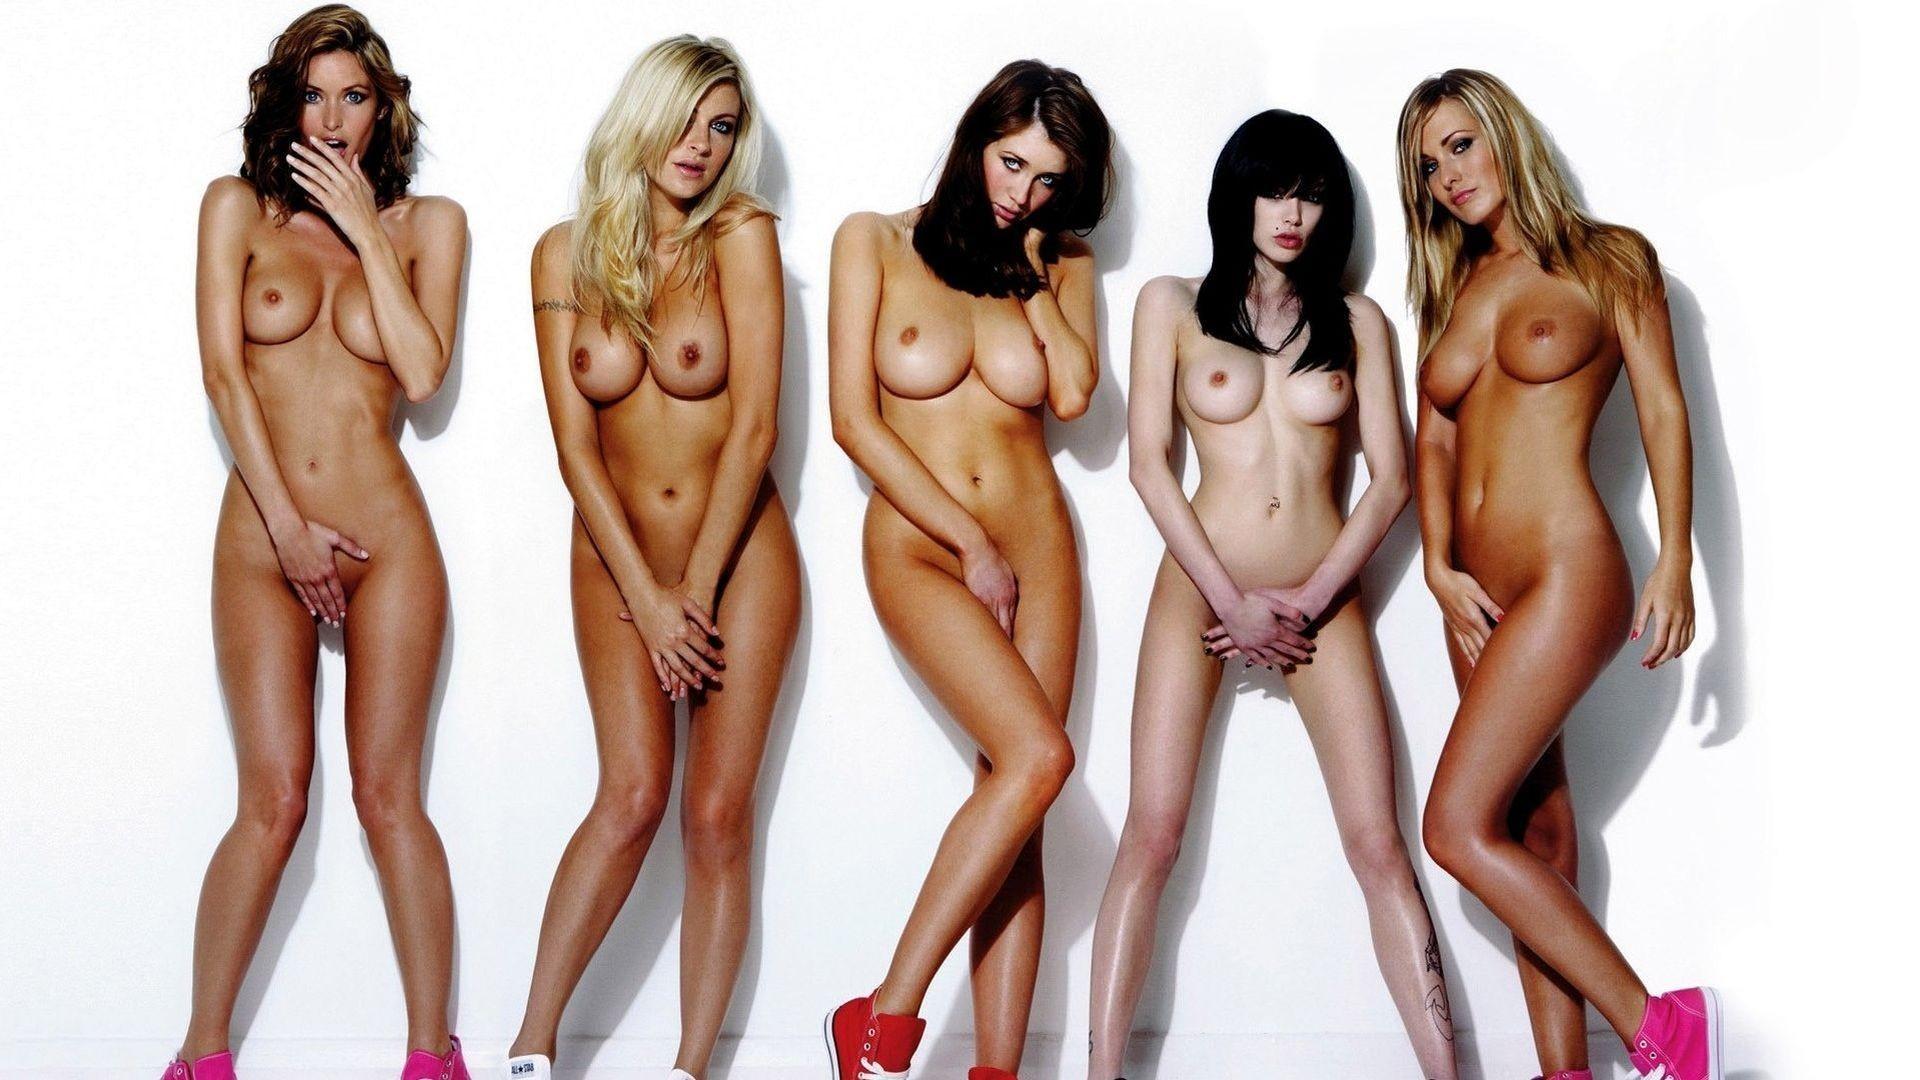 Секс фото голые девушки топ модель по русски фото пенис